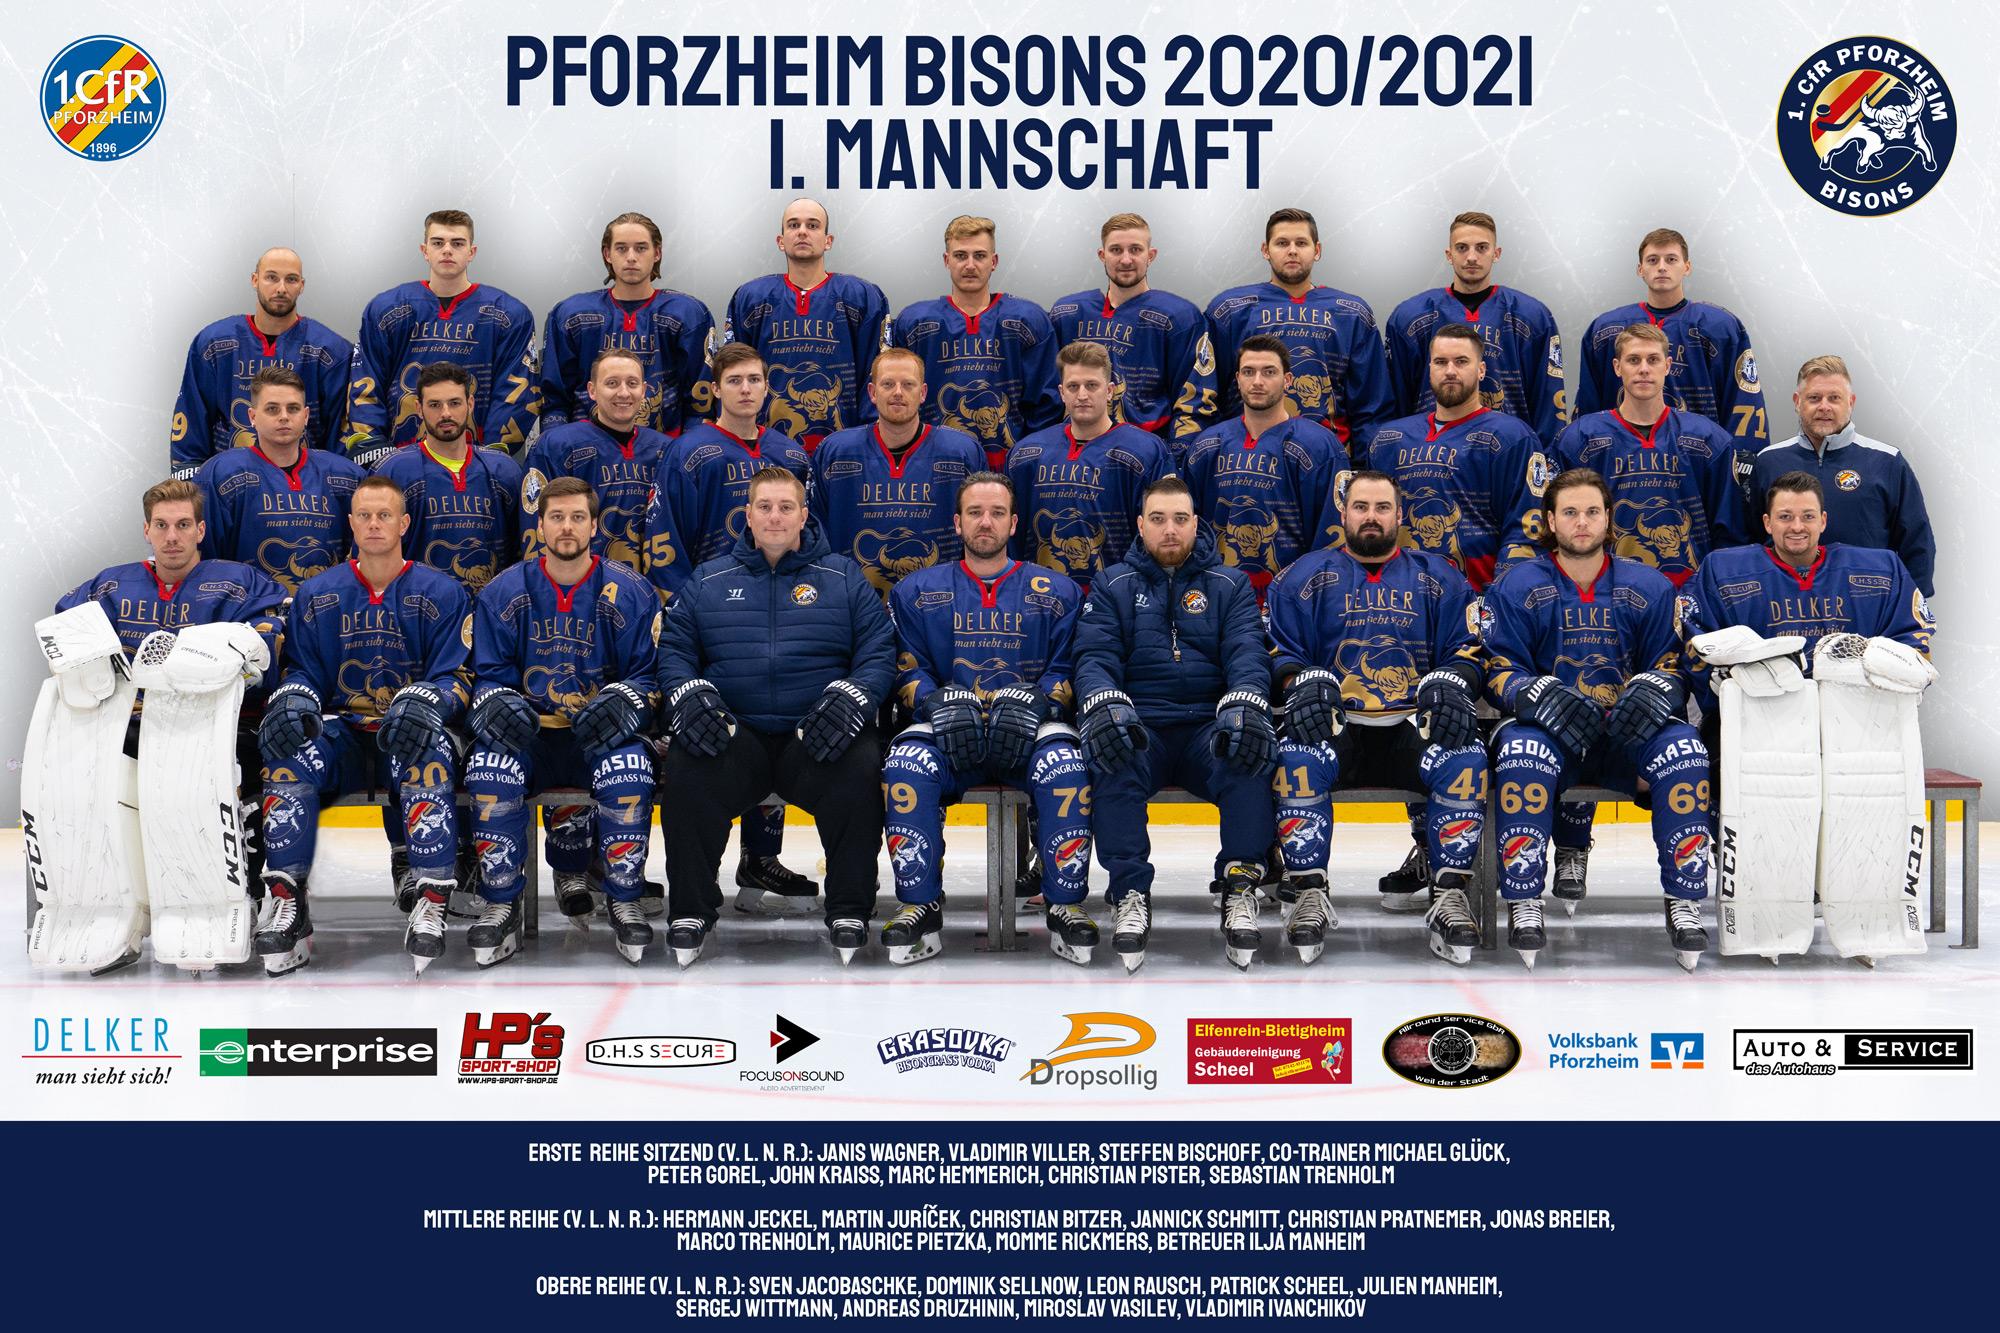 Erste Mannschaft Pforzheim Bisons 2020/2021